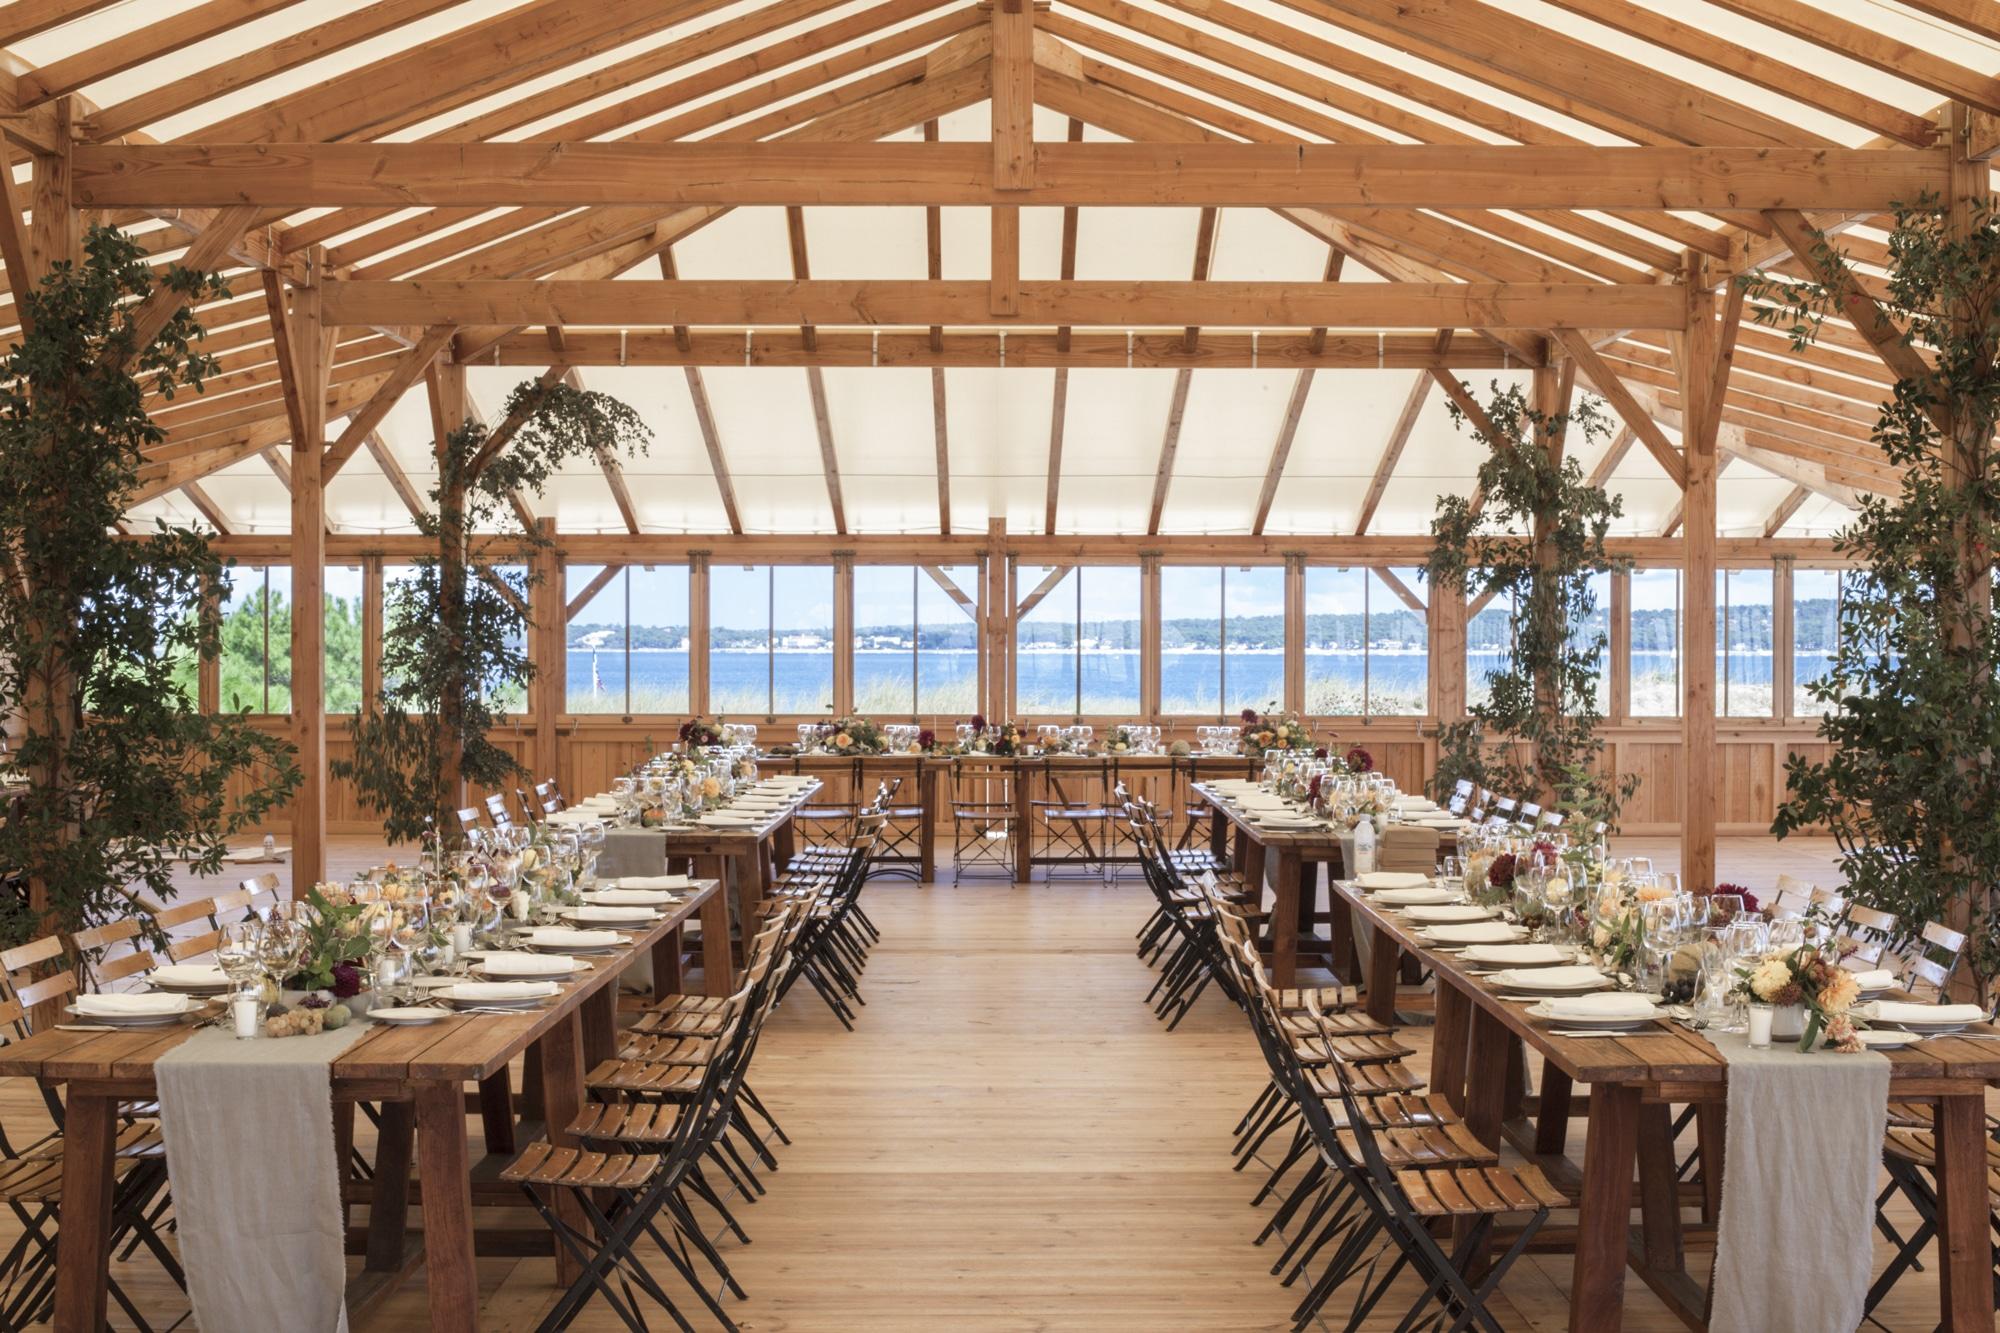 Natalie-Jolion-table-inside-cabane-bartherotte